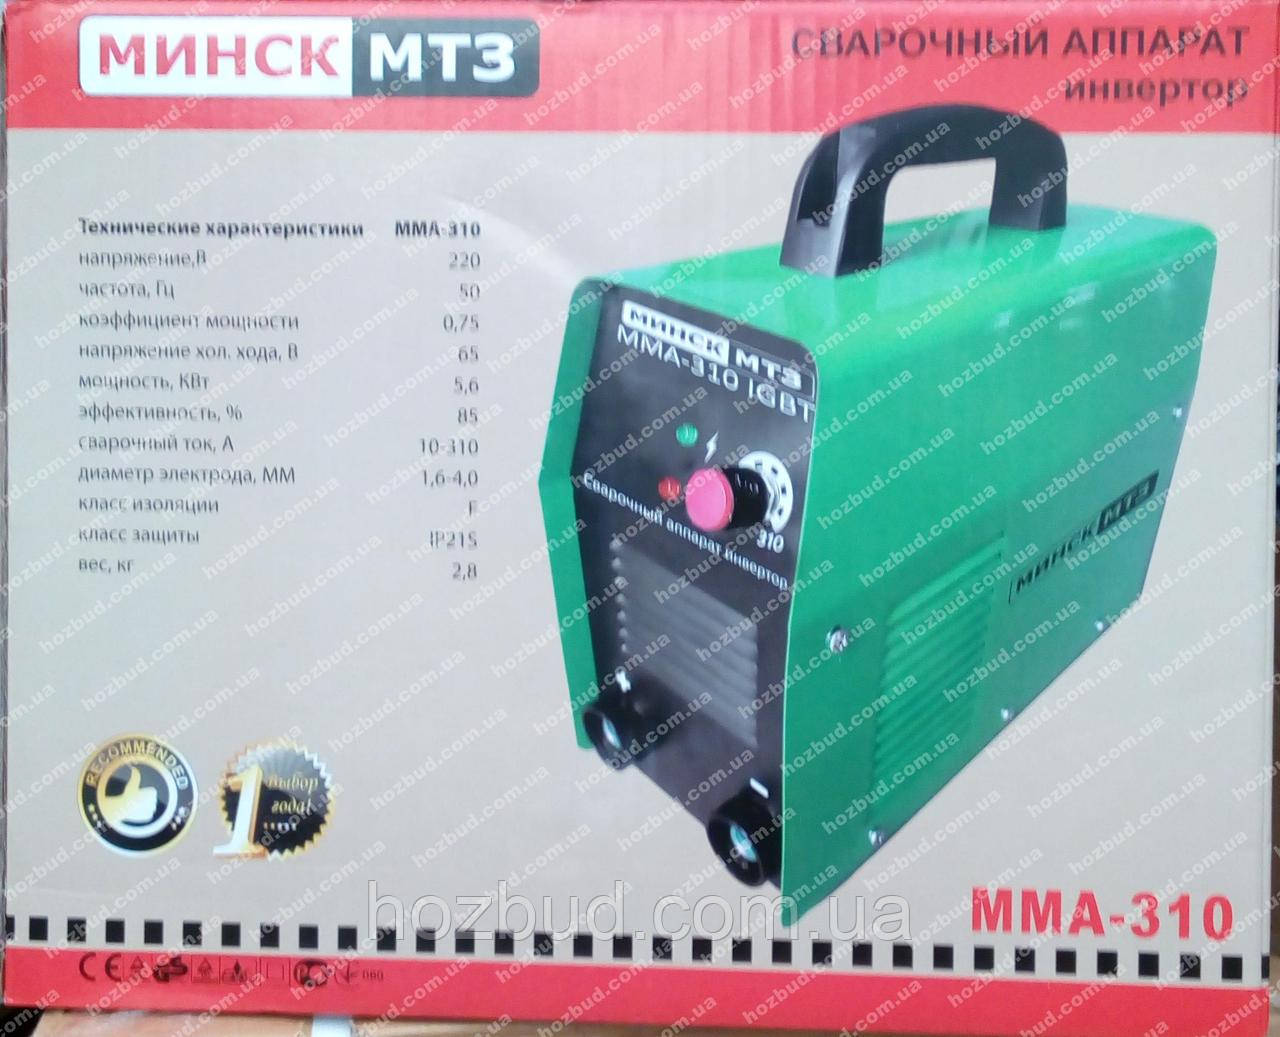 Сварочный инвертор Минск ММА-310